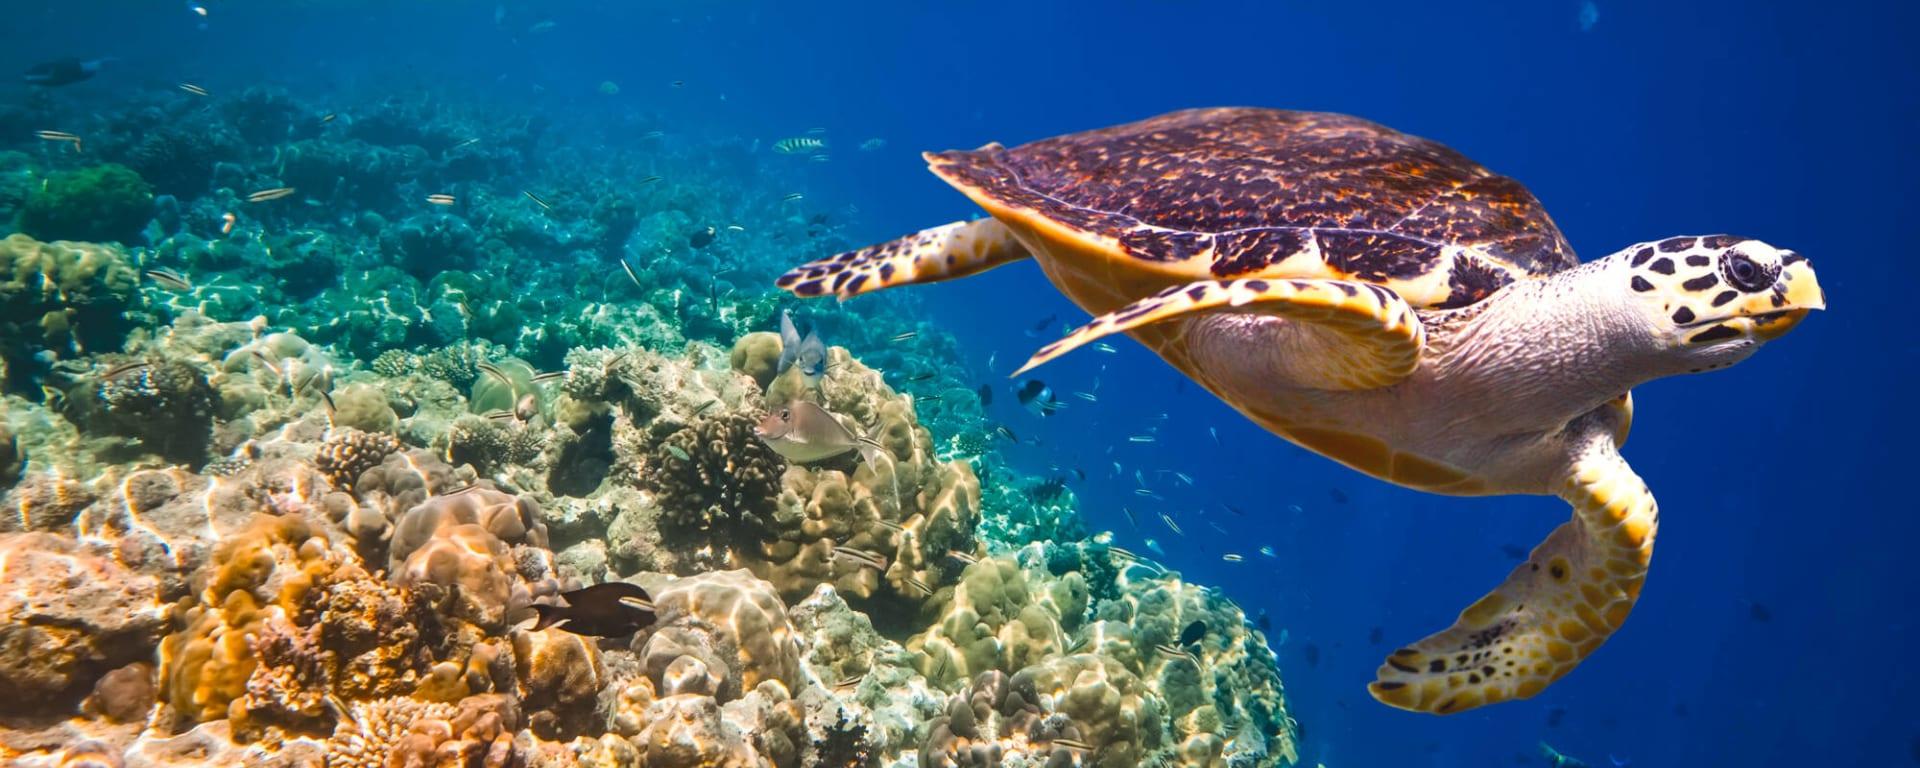 Malediven entdecken mit Tischler Reisen: Malediven Tauchen Meeresschildkroete